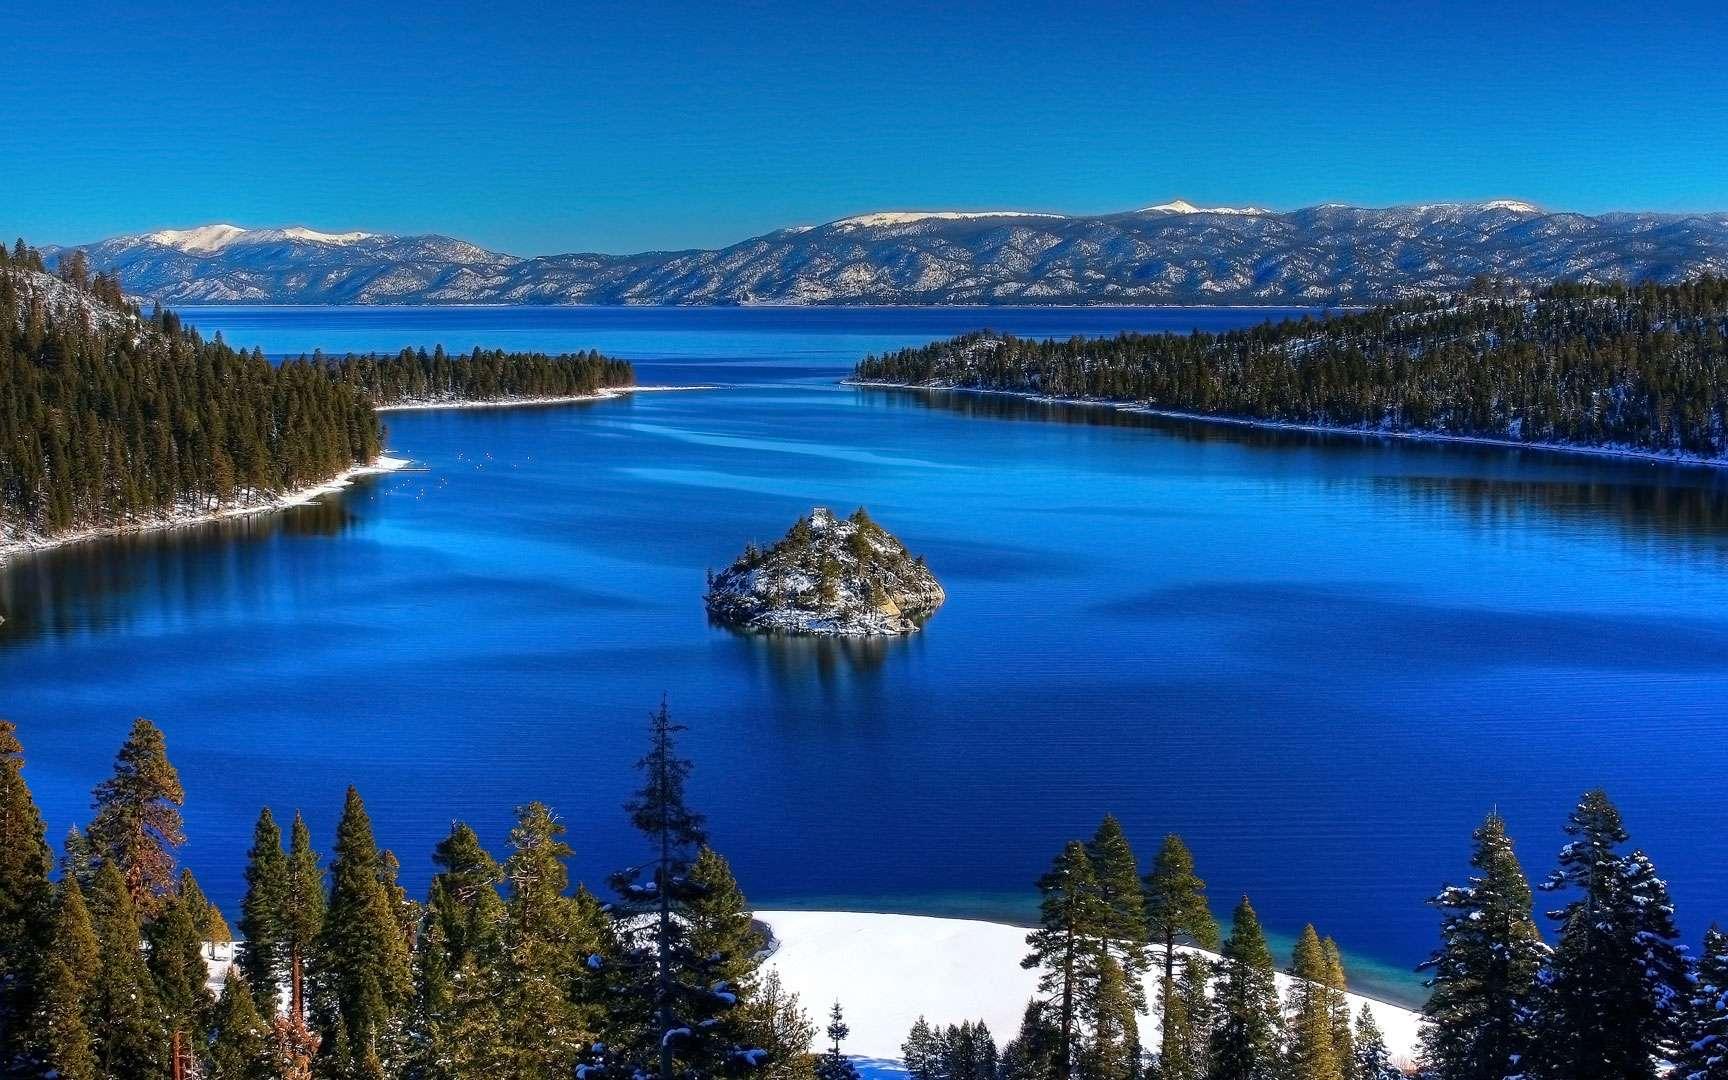 Le lac Tahoe, le plus beau des États-Unis. Situé à la fois en Californie et dans le Nevada, le lac Tahoe n'a rien de comparable en taille avec les Grands Lacs du nord-est des États-Unis, mais les surpasse en beauté, d'après des lecteurs américains sondés par USA Today. © Michael, Wikipédia, cc by 2.0